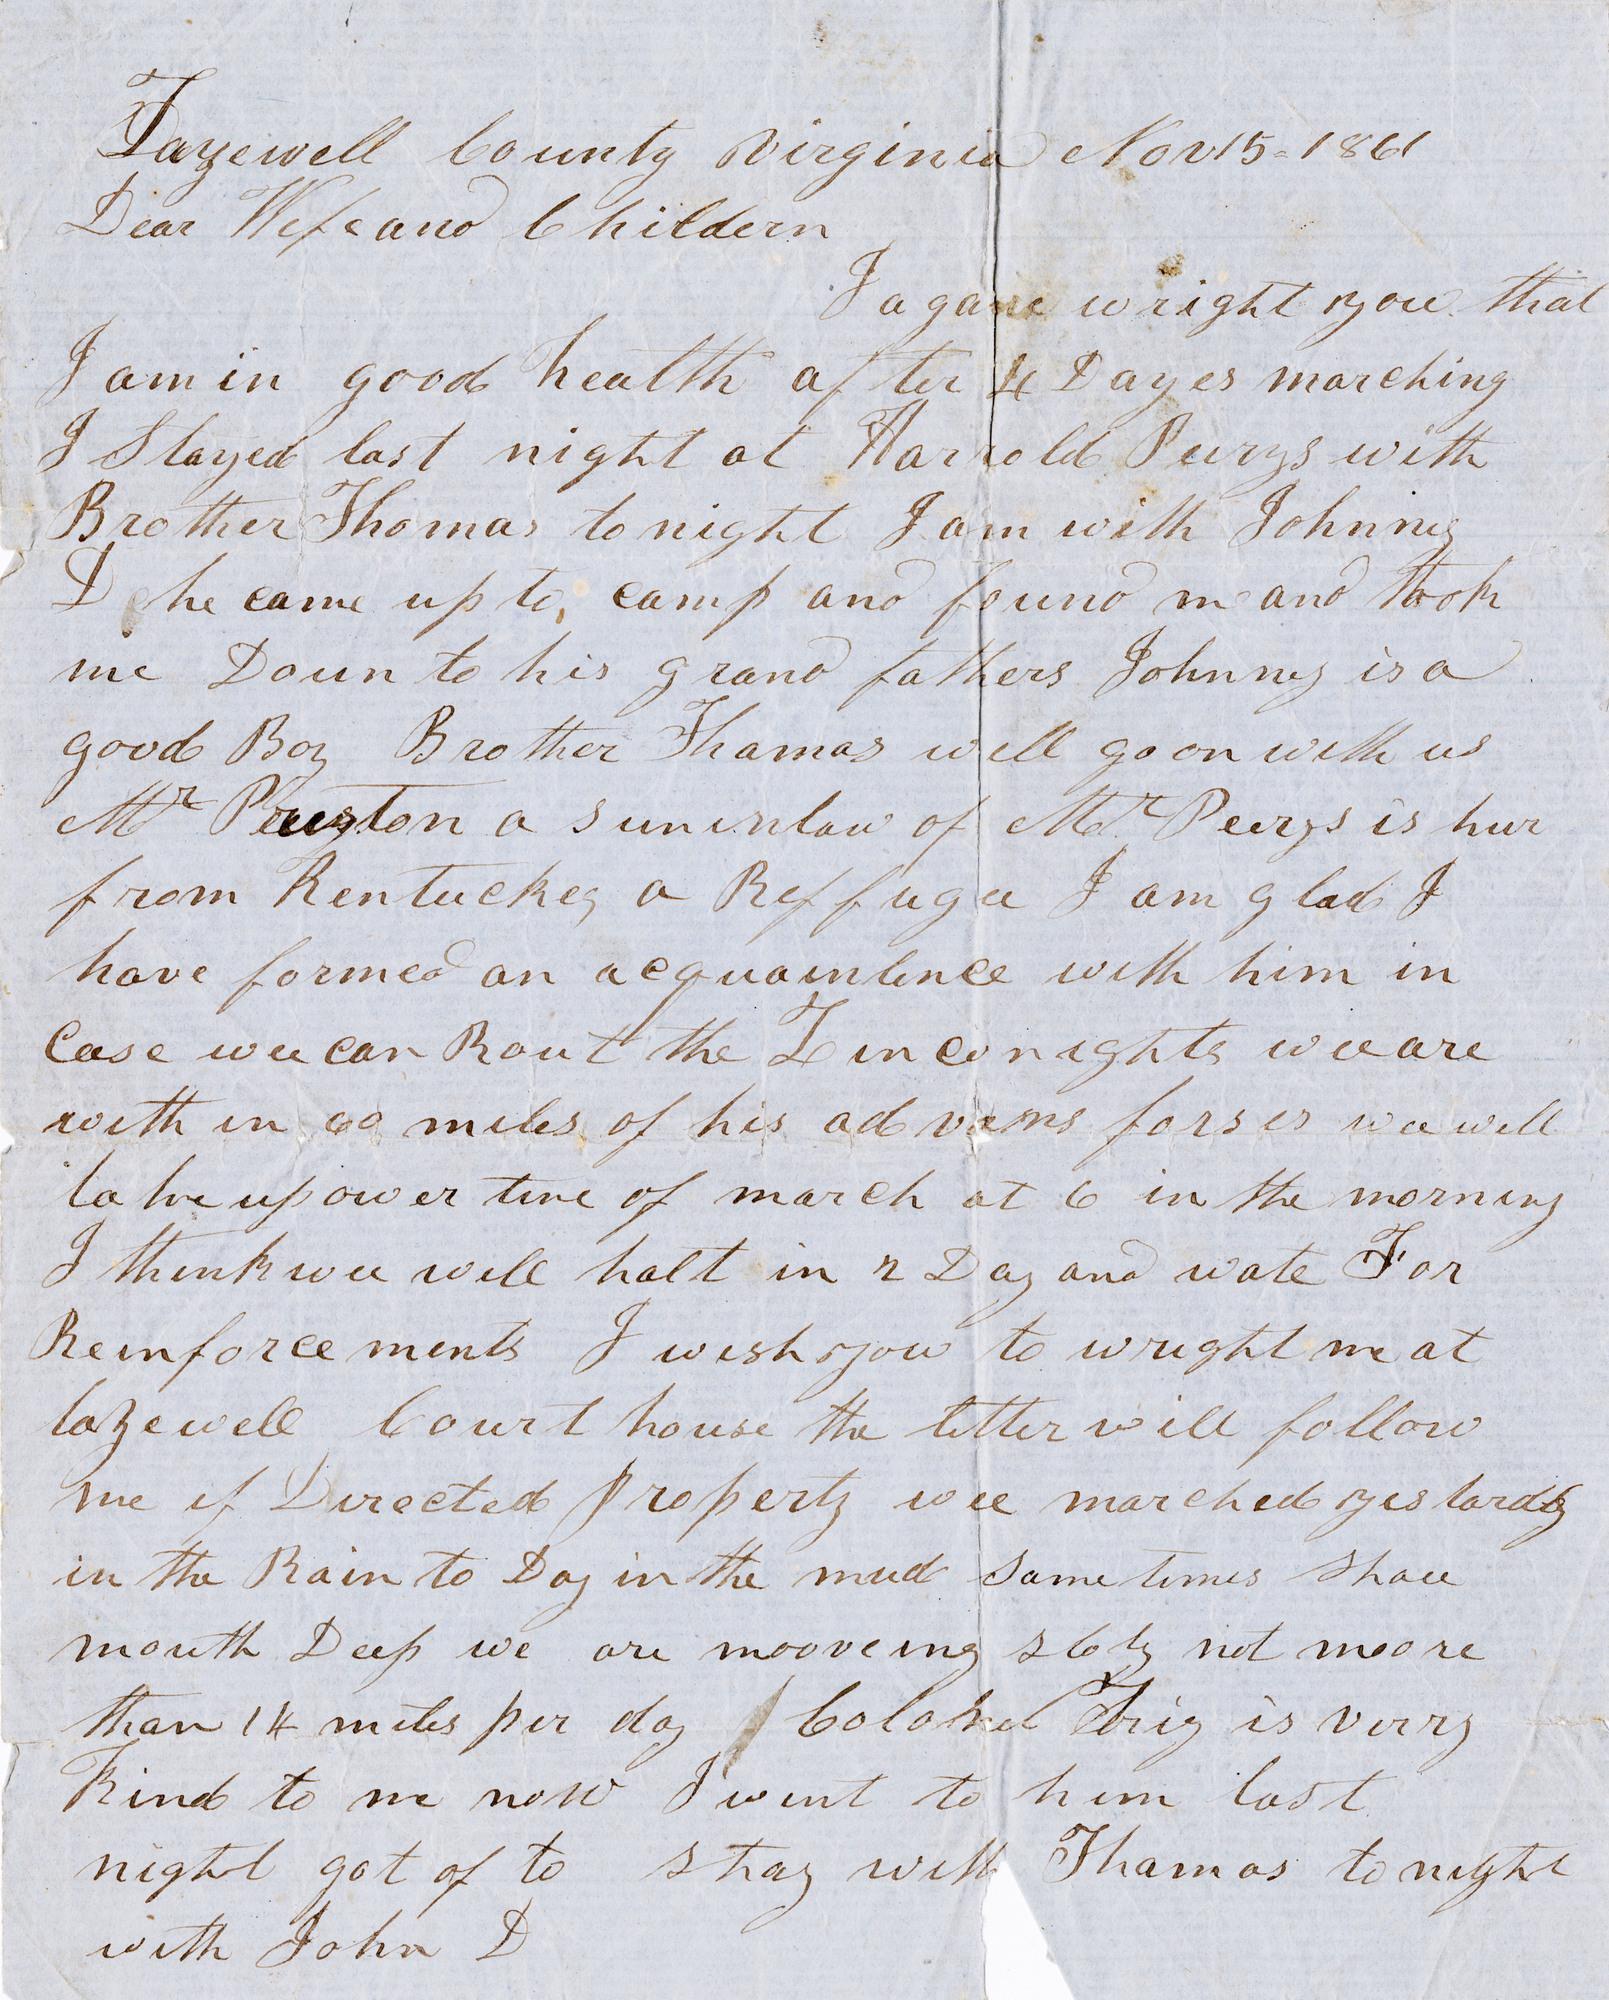 Ms2009-112_CarnahanJohnNewton_Letter_1861_1115a.jpg